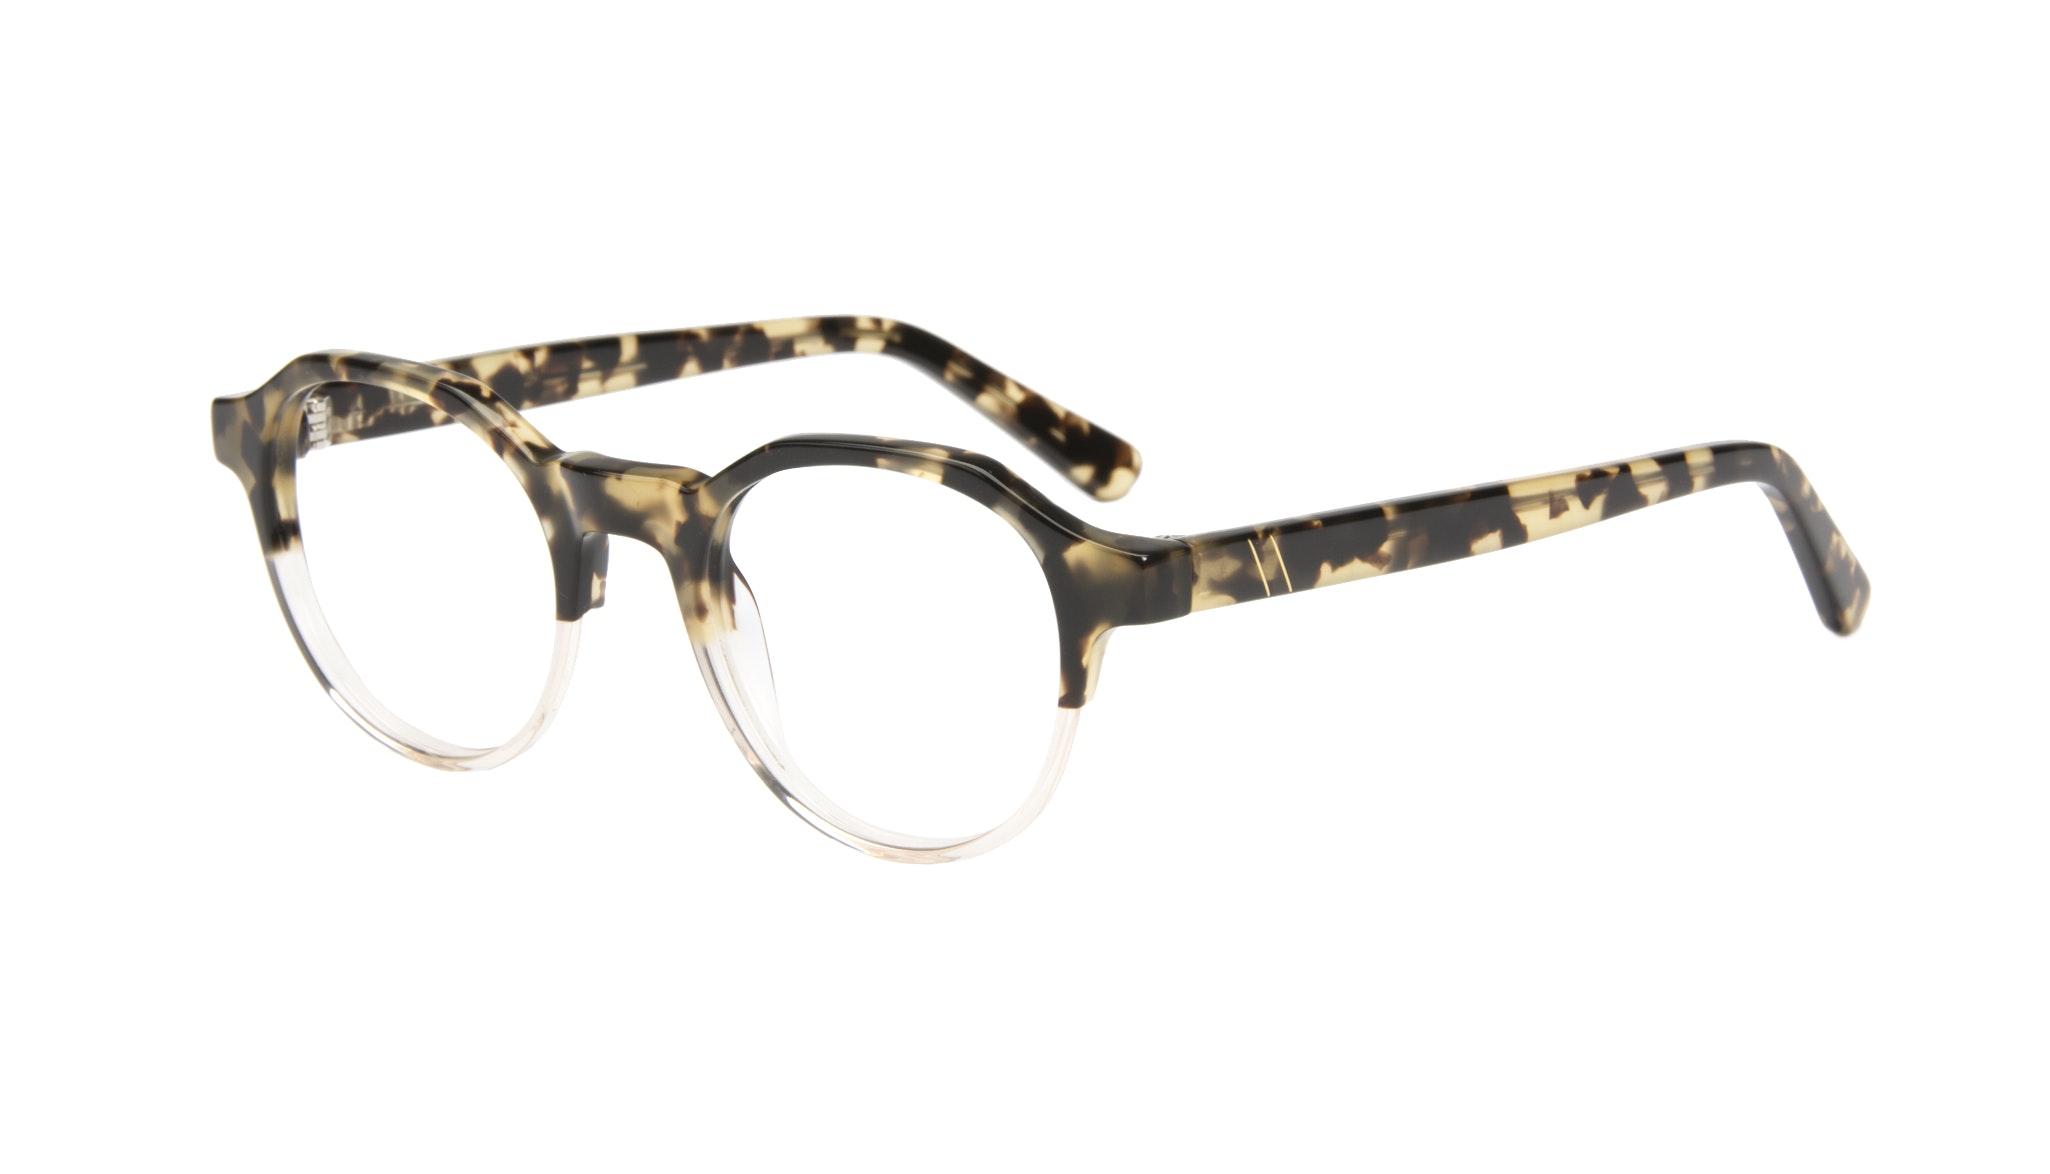 Affordable Fashion Glasses Round Eyeglasses Men Form Golden Tort Tilt